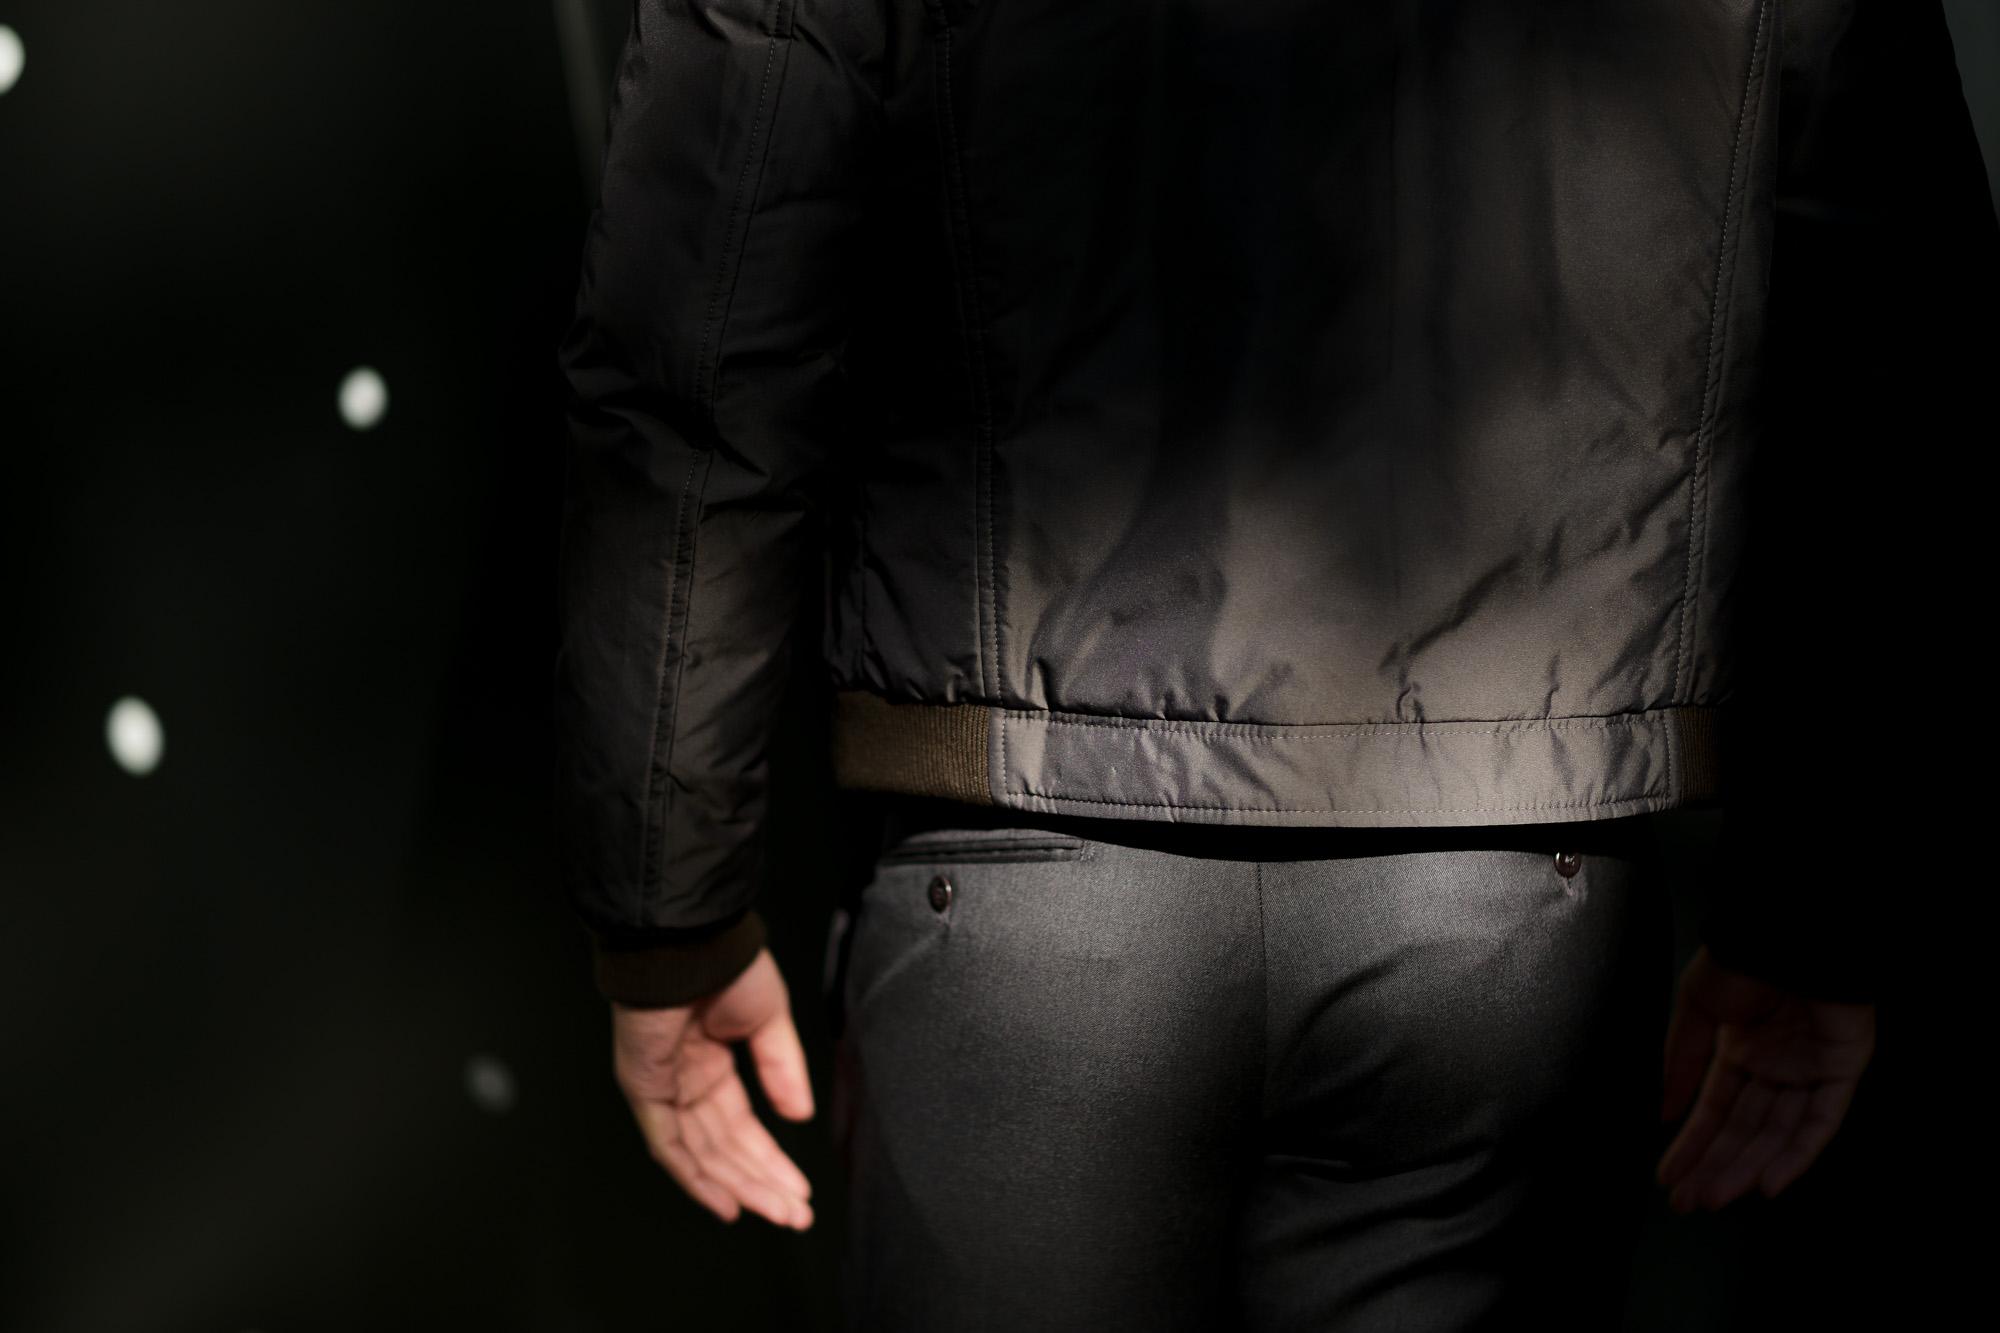 MOORER (ムーレー) CELOTTI-KM (チェロッティ) ホワイトグースダウン スタンドカラー ナイロン ダウン ブルゾン ANTRACITE (チャコール) Made in italy (イタリア製) 2018 秋冬新作 愛知 名古屋 ALTO E DIRITTO アルトエデリット